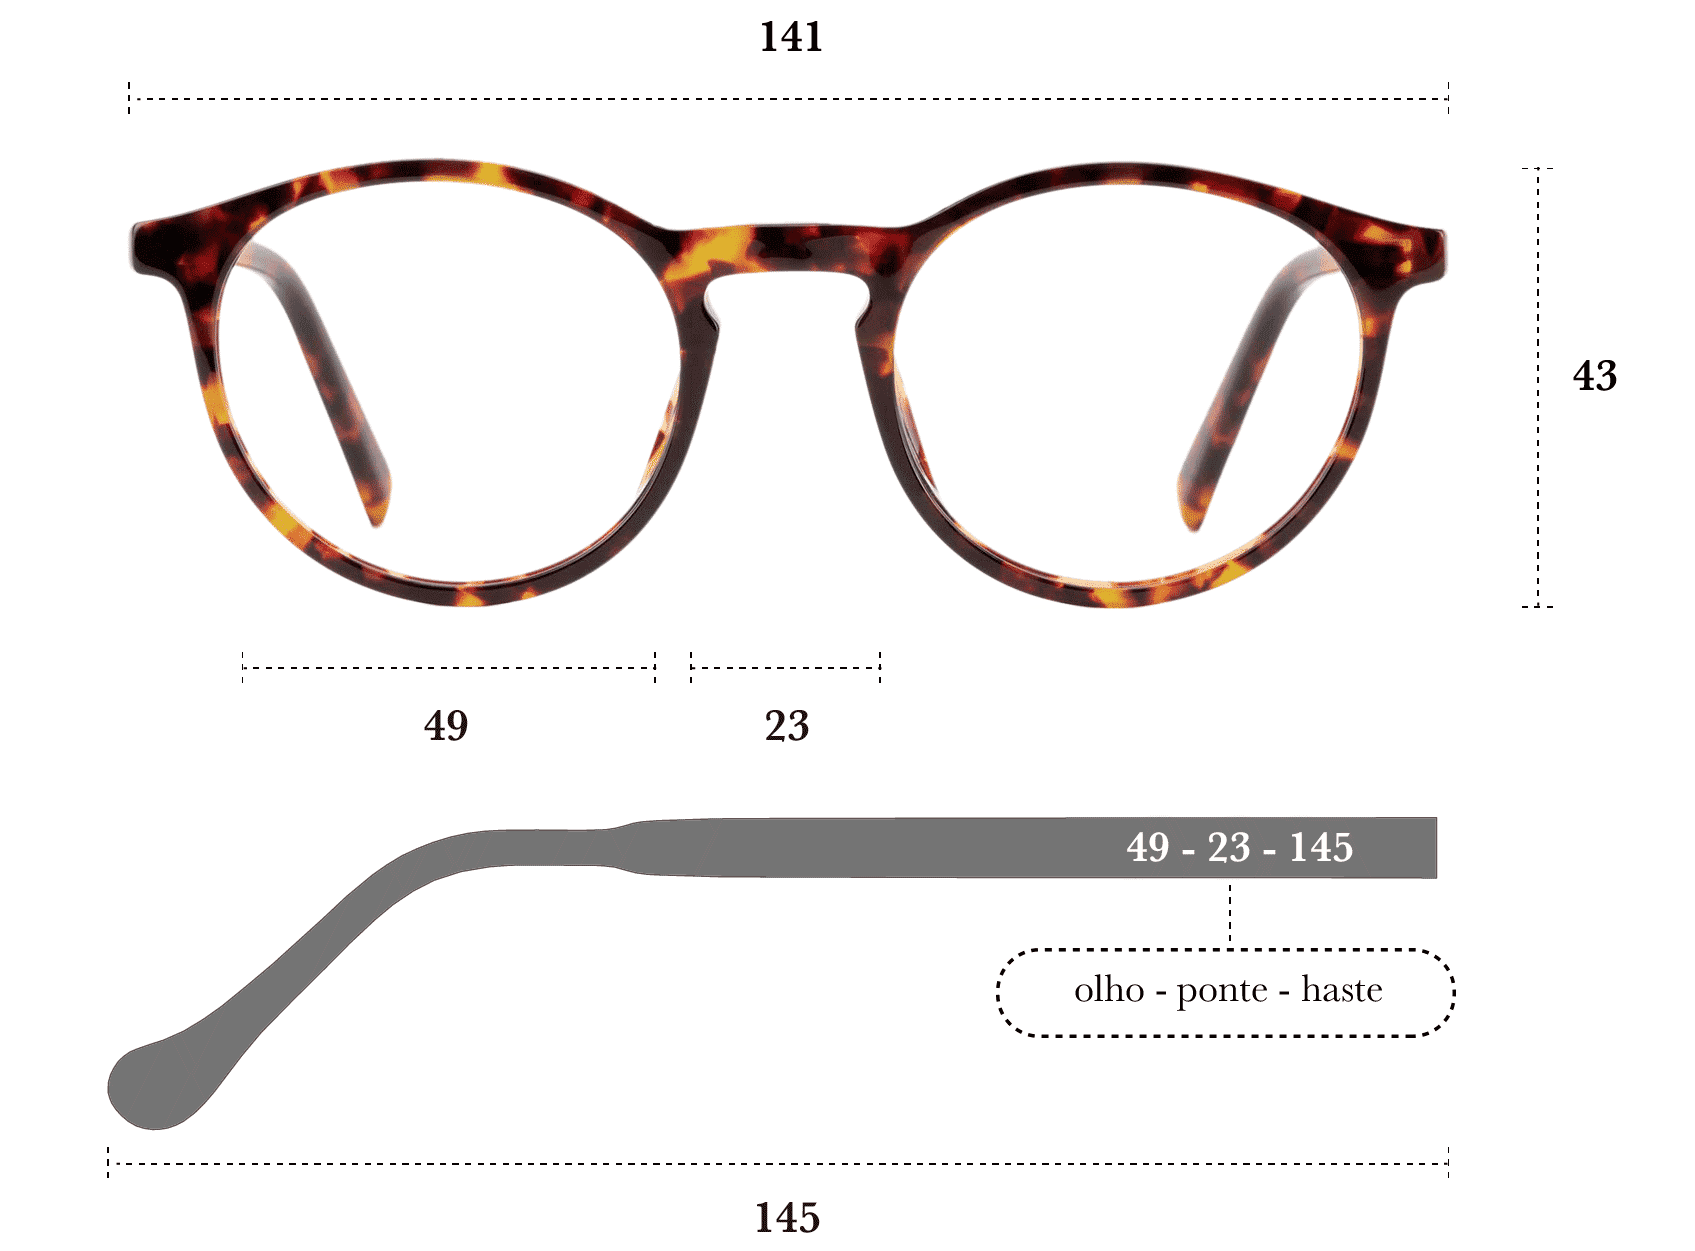 Desenho técnico do óculos Pitta